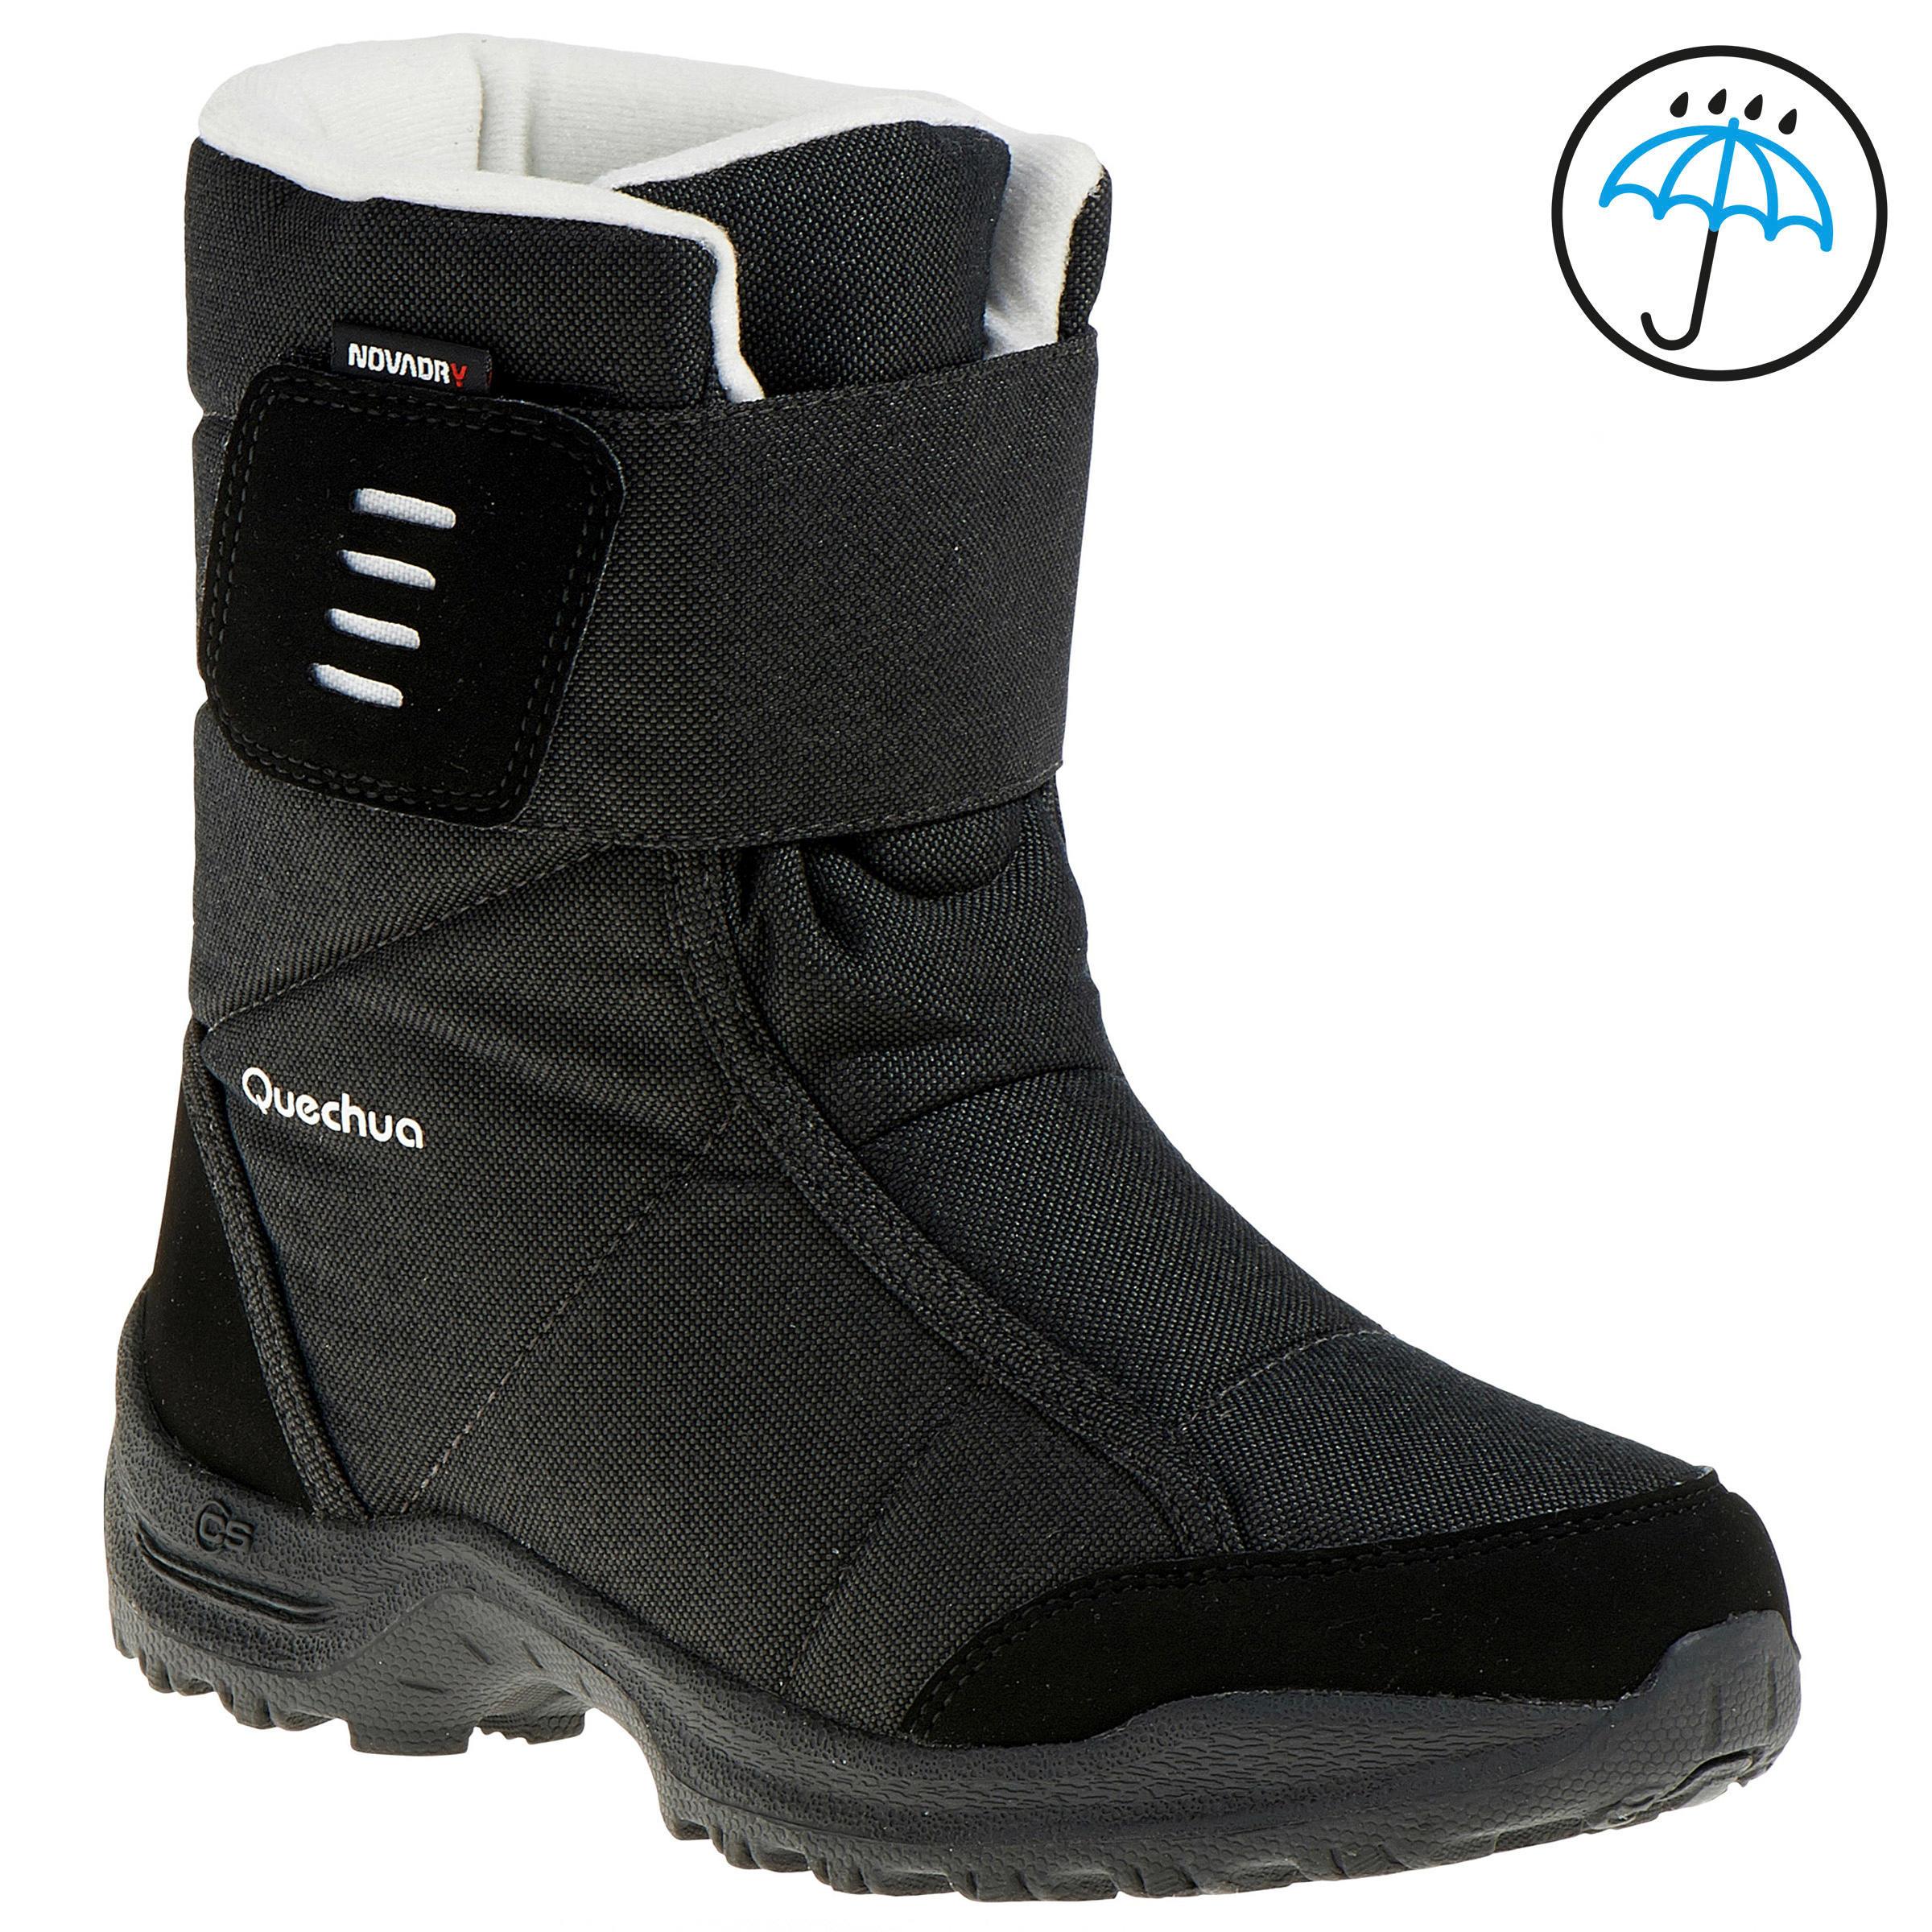 Quechua Laarzen voor wandelen in de sneeuw kinderen SH500 warm/waterdicht violet thumbnail